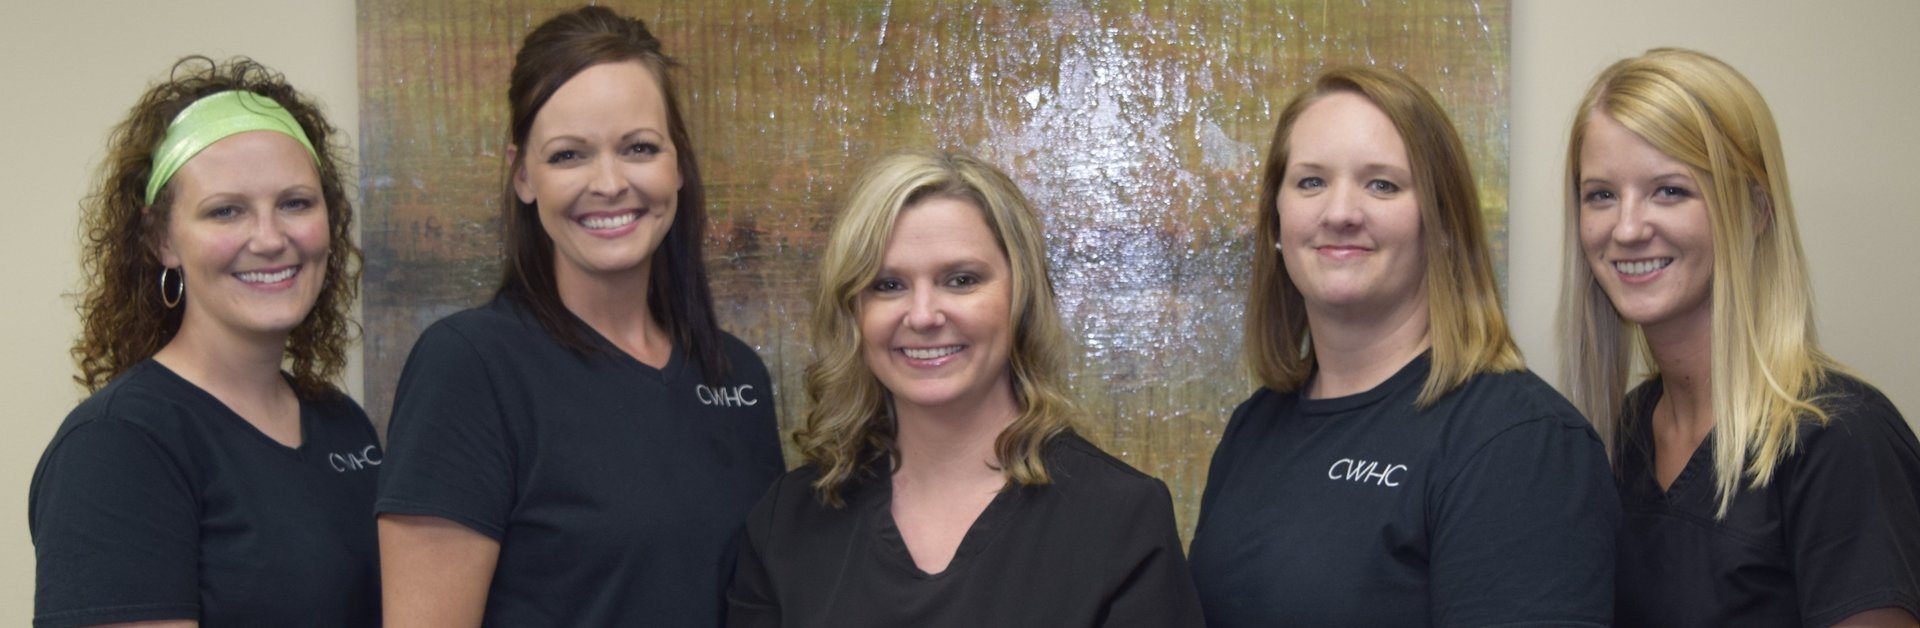 Conway Women's Health Center, nursing staff